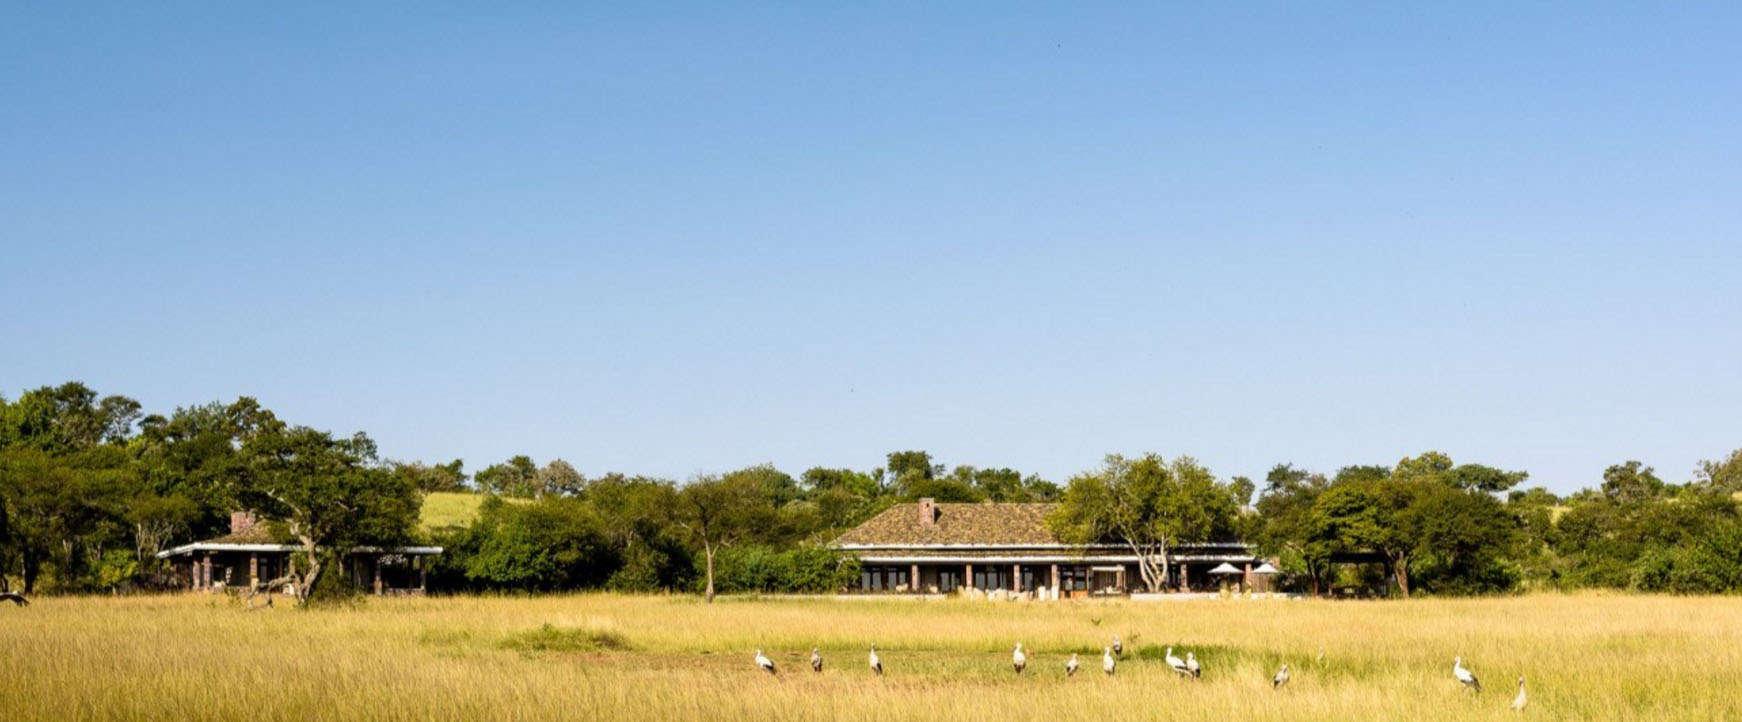 tanzania_grumeti-reserve_singita-serengeti-house